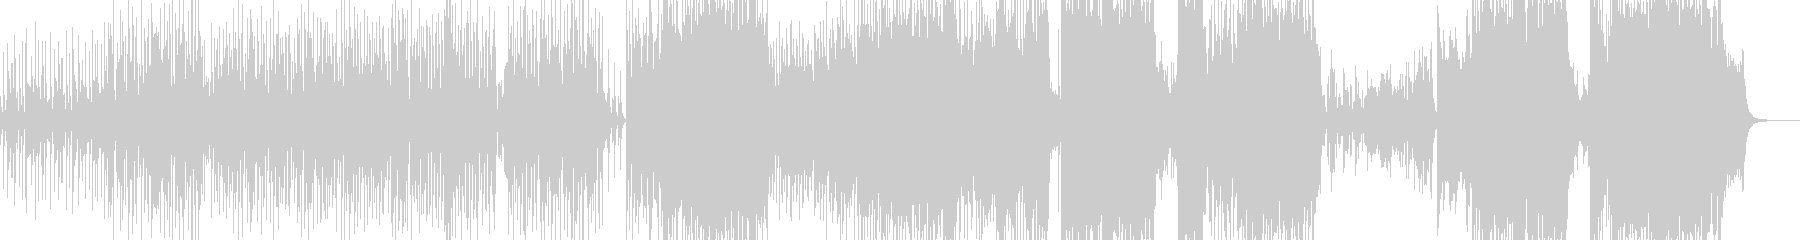 ウクレレ・南国のアコギテクノポップ +の未再生の波形